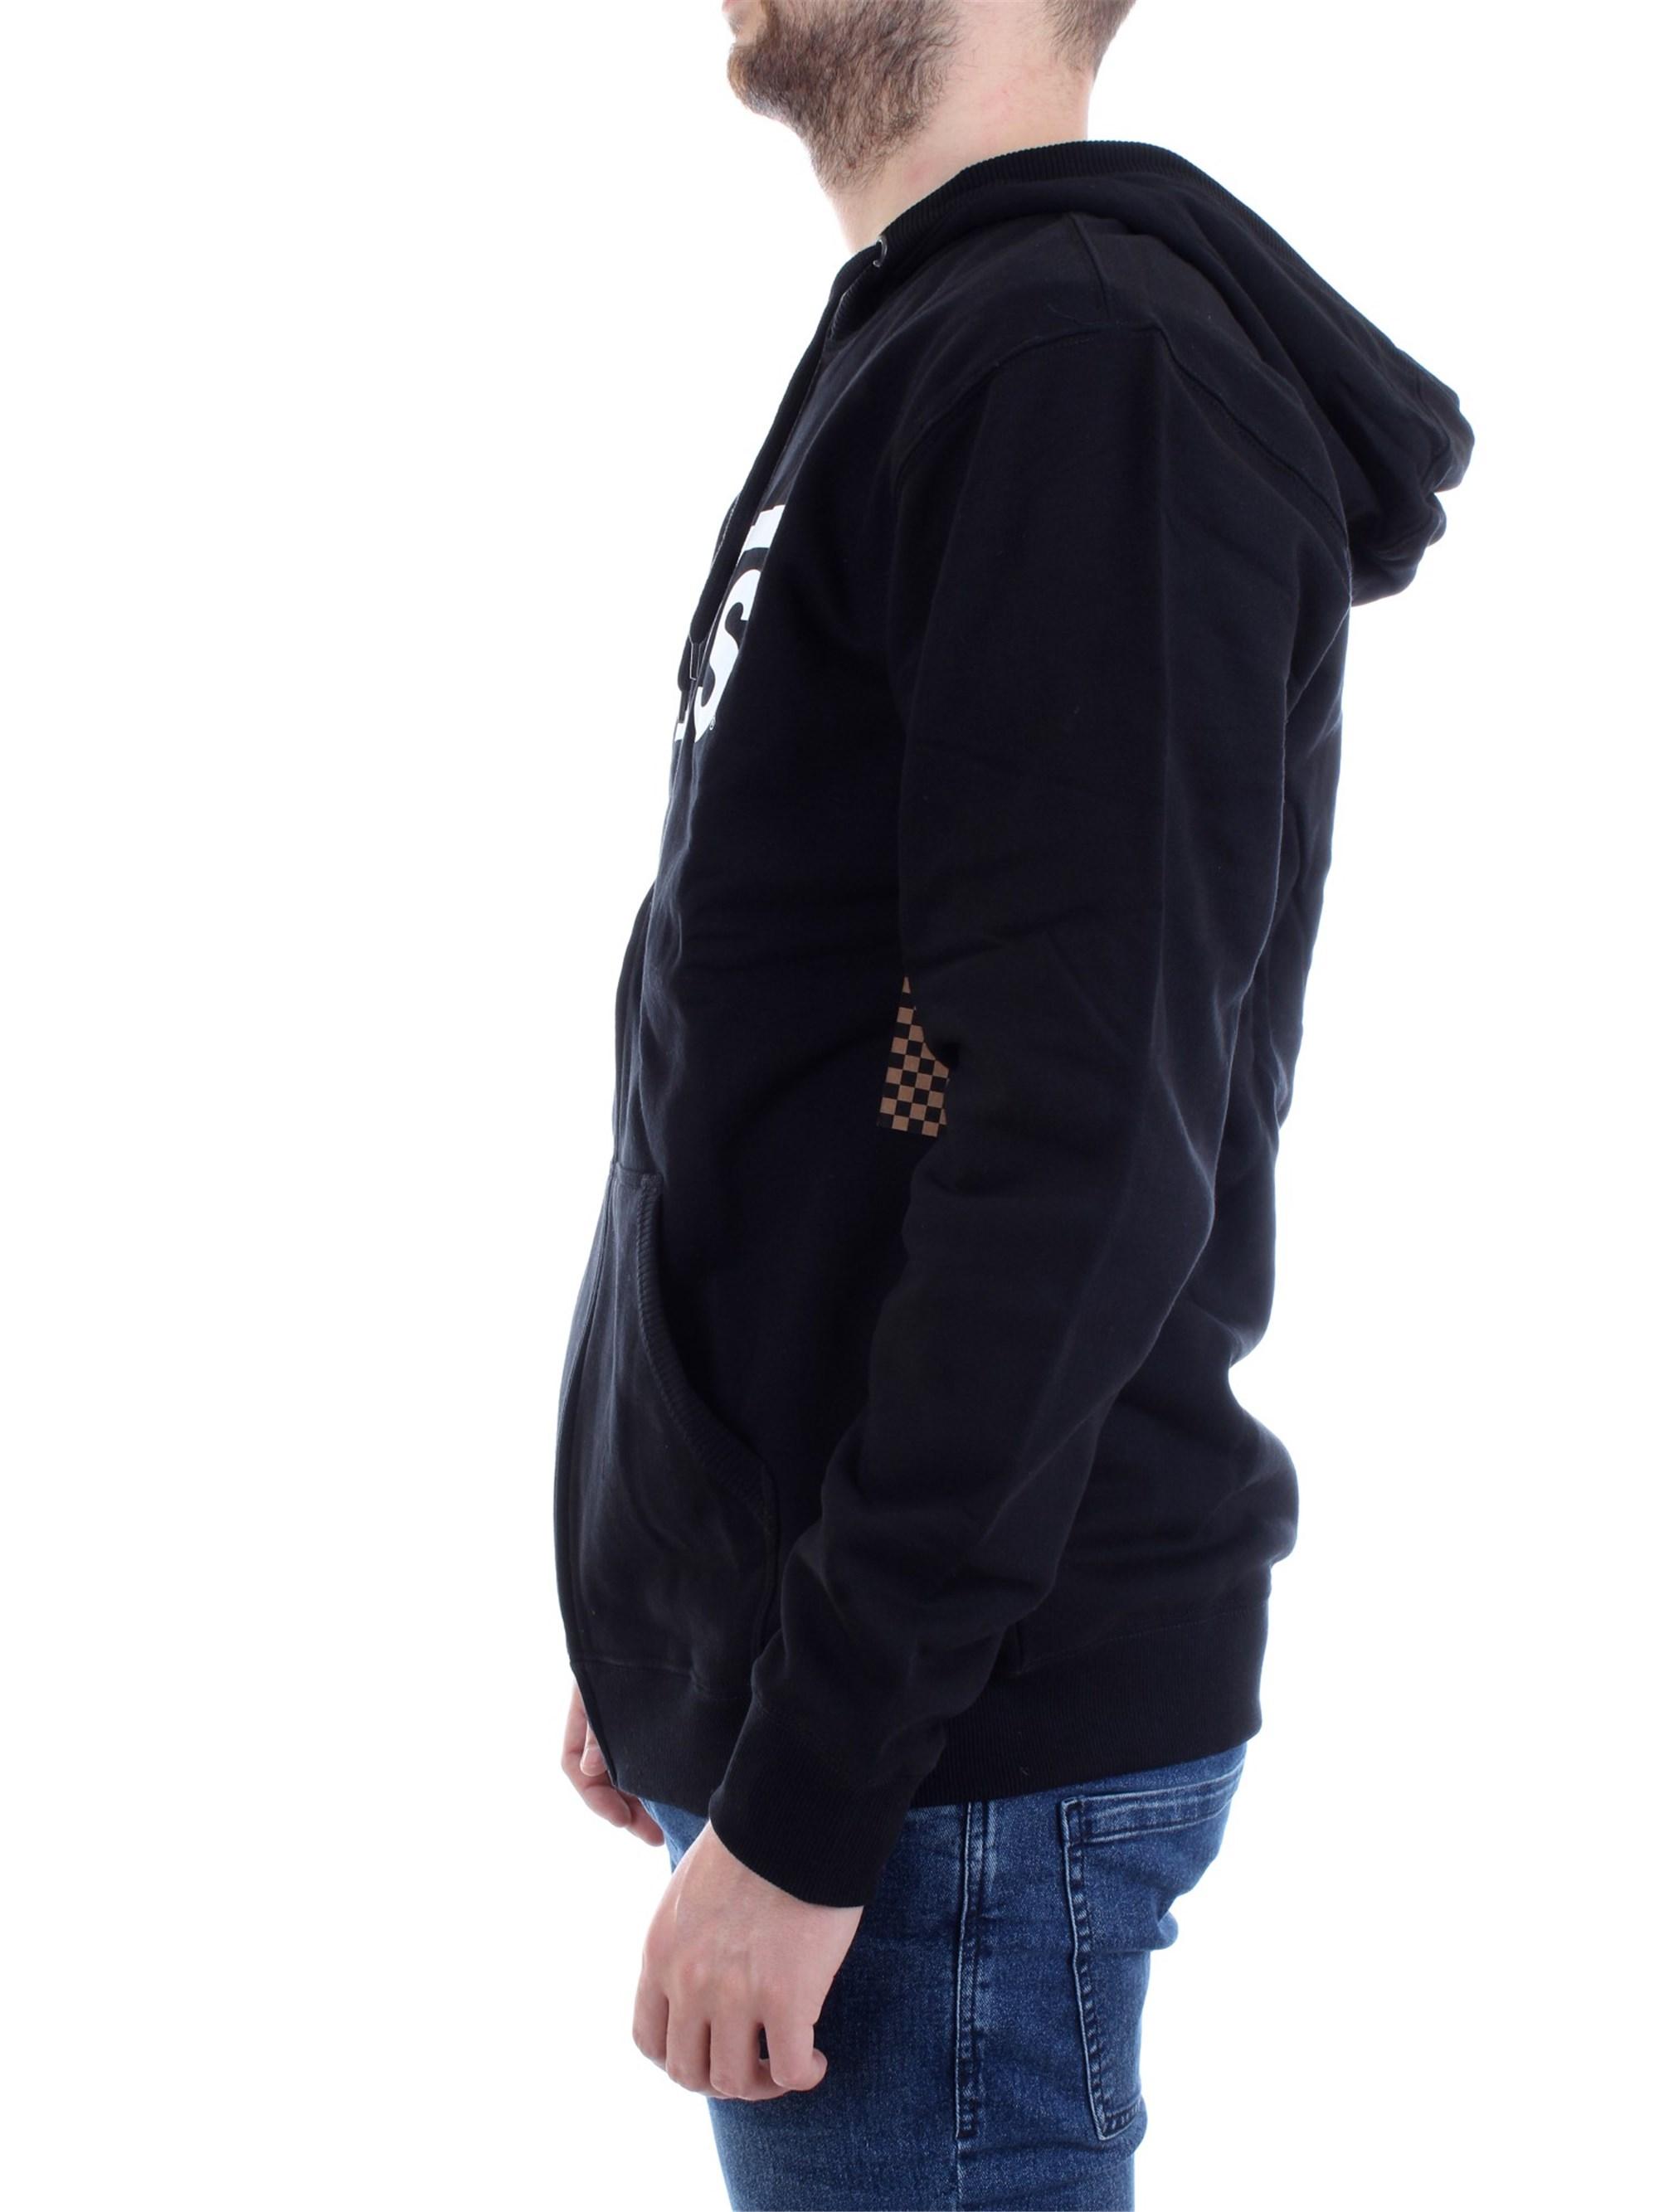 Vans Zwart sweatshirt Vn000j6ky28 katoen Klassiek Unisex zwartwit 0XwPOk8n